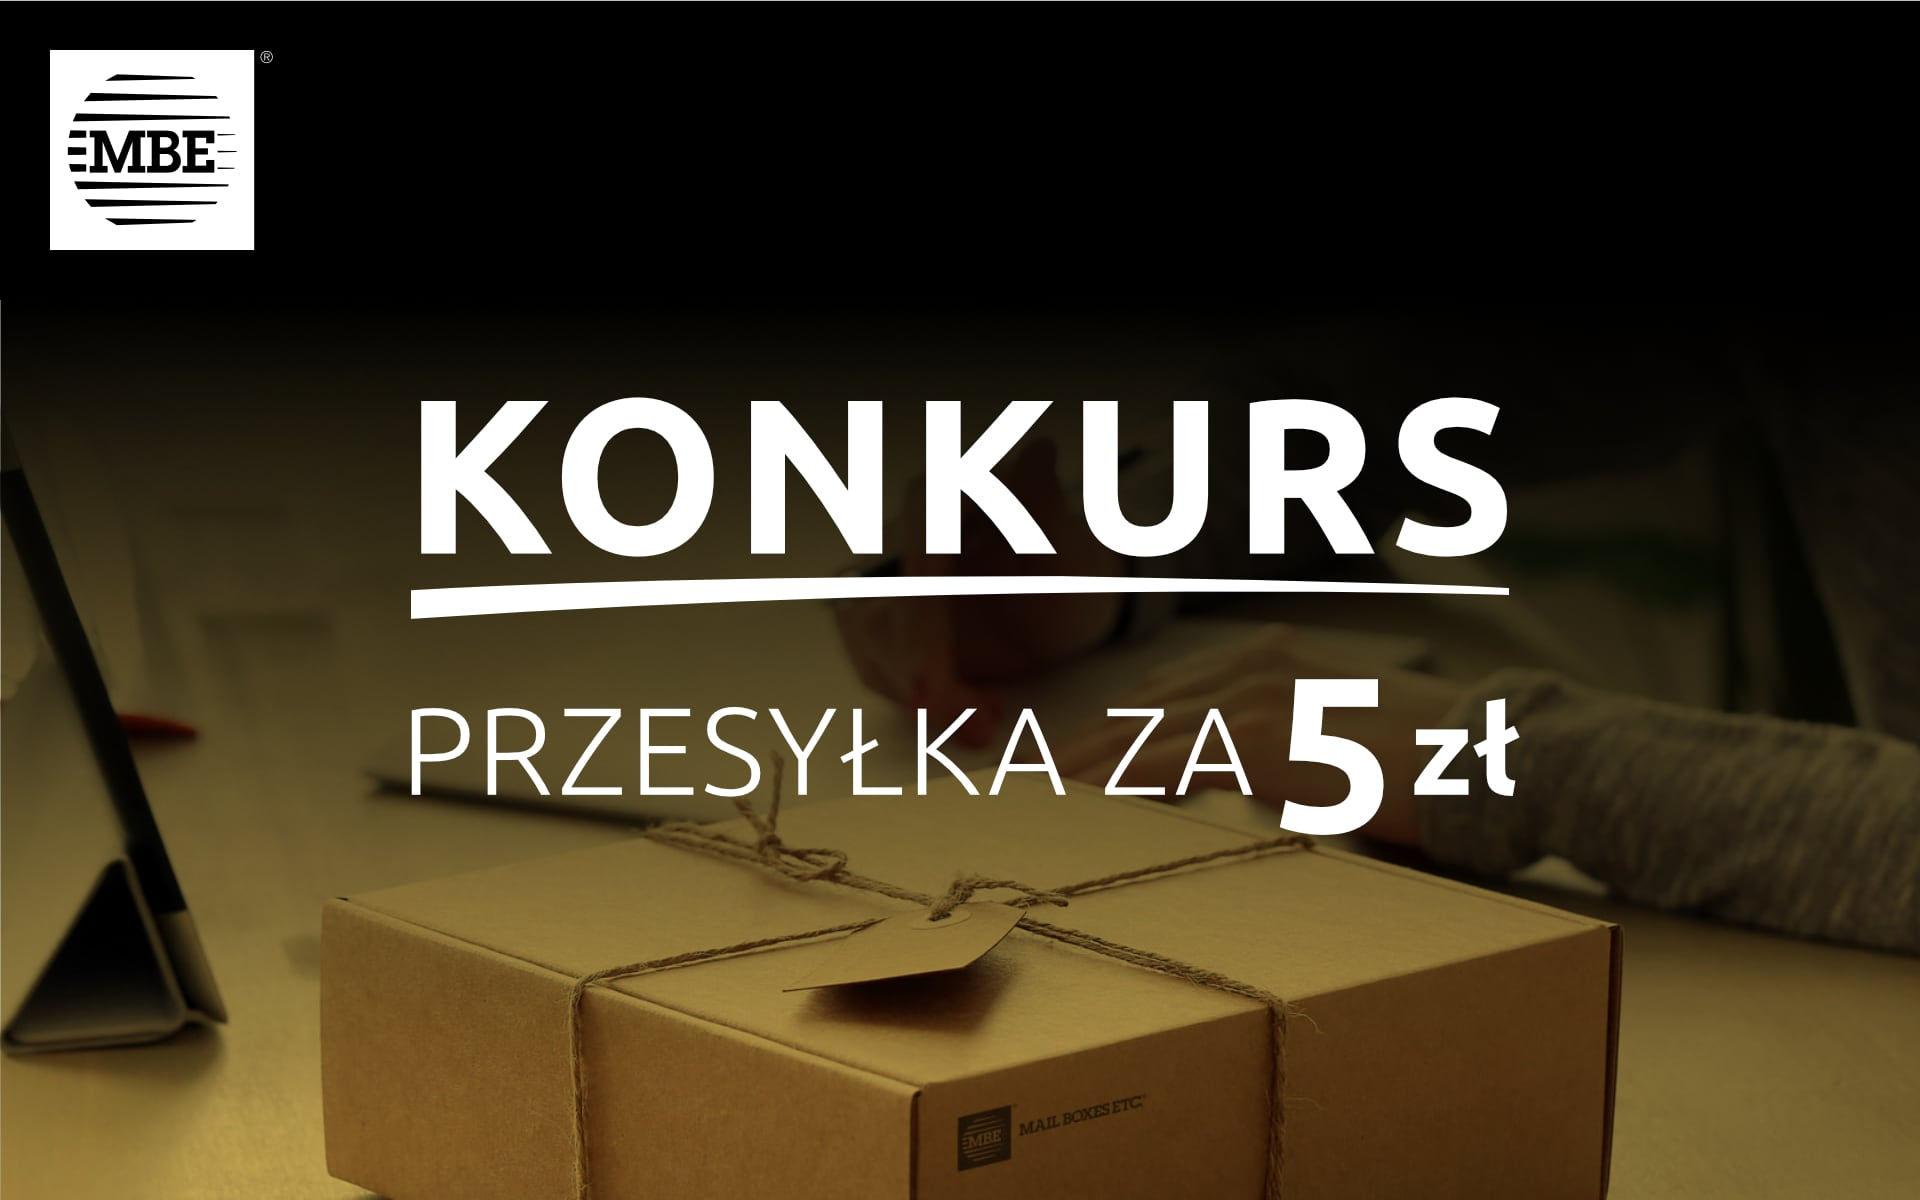 MBE-Konkurs przesyłka za 5 zł